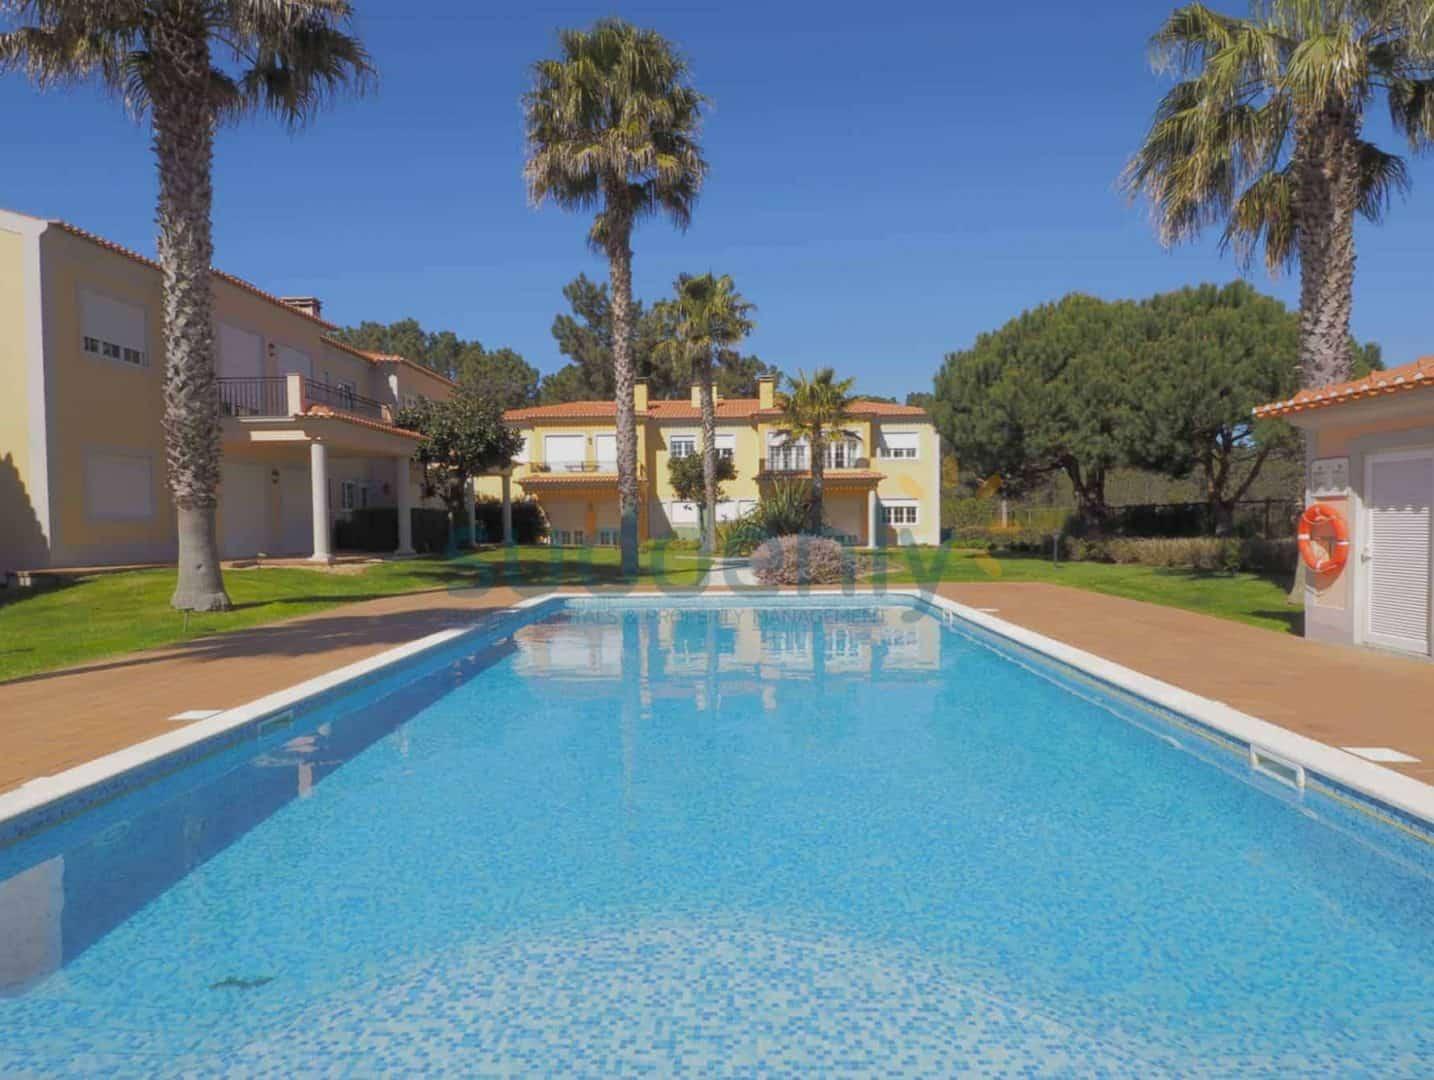 Holiday Rentals in Praia D'El Rey 253